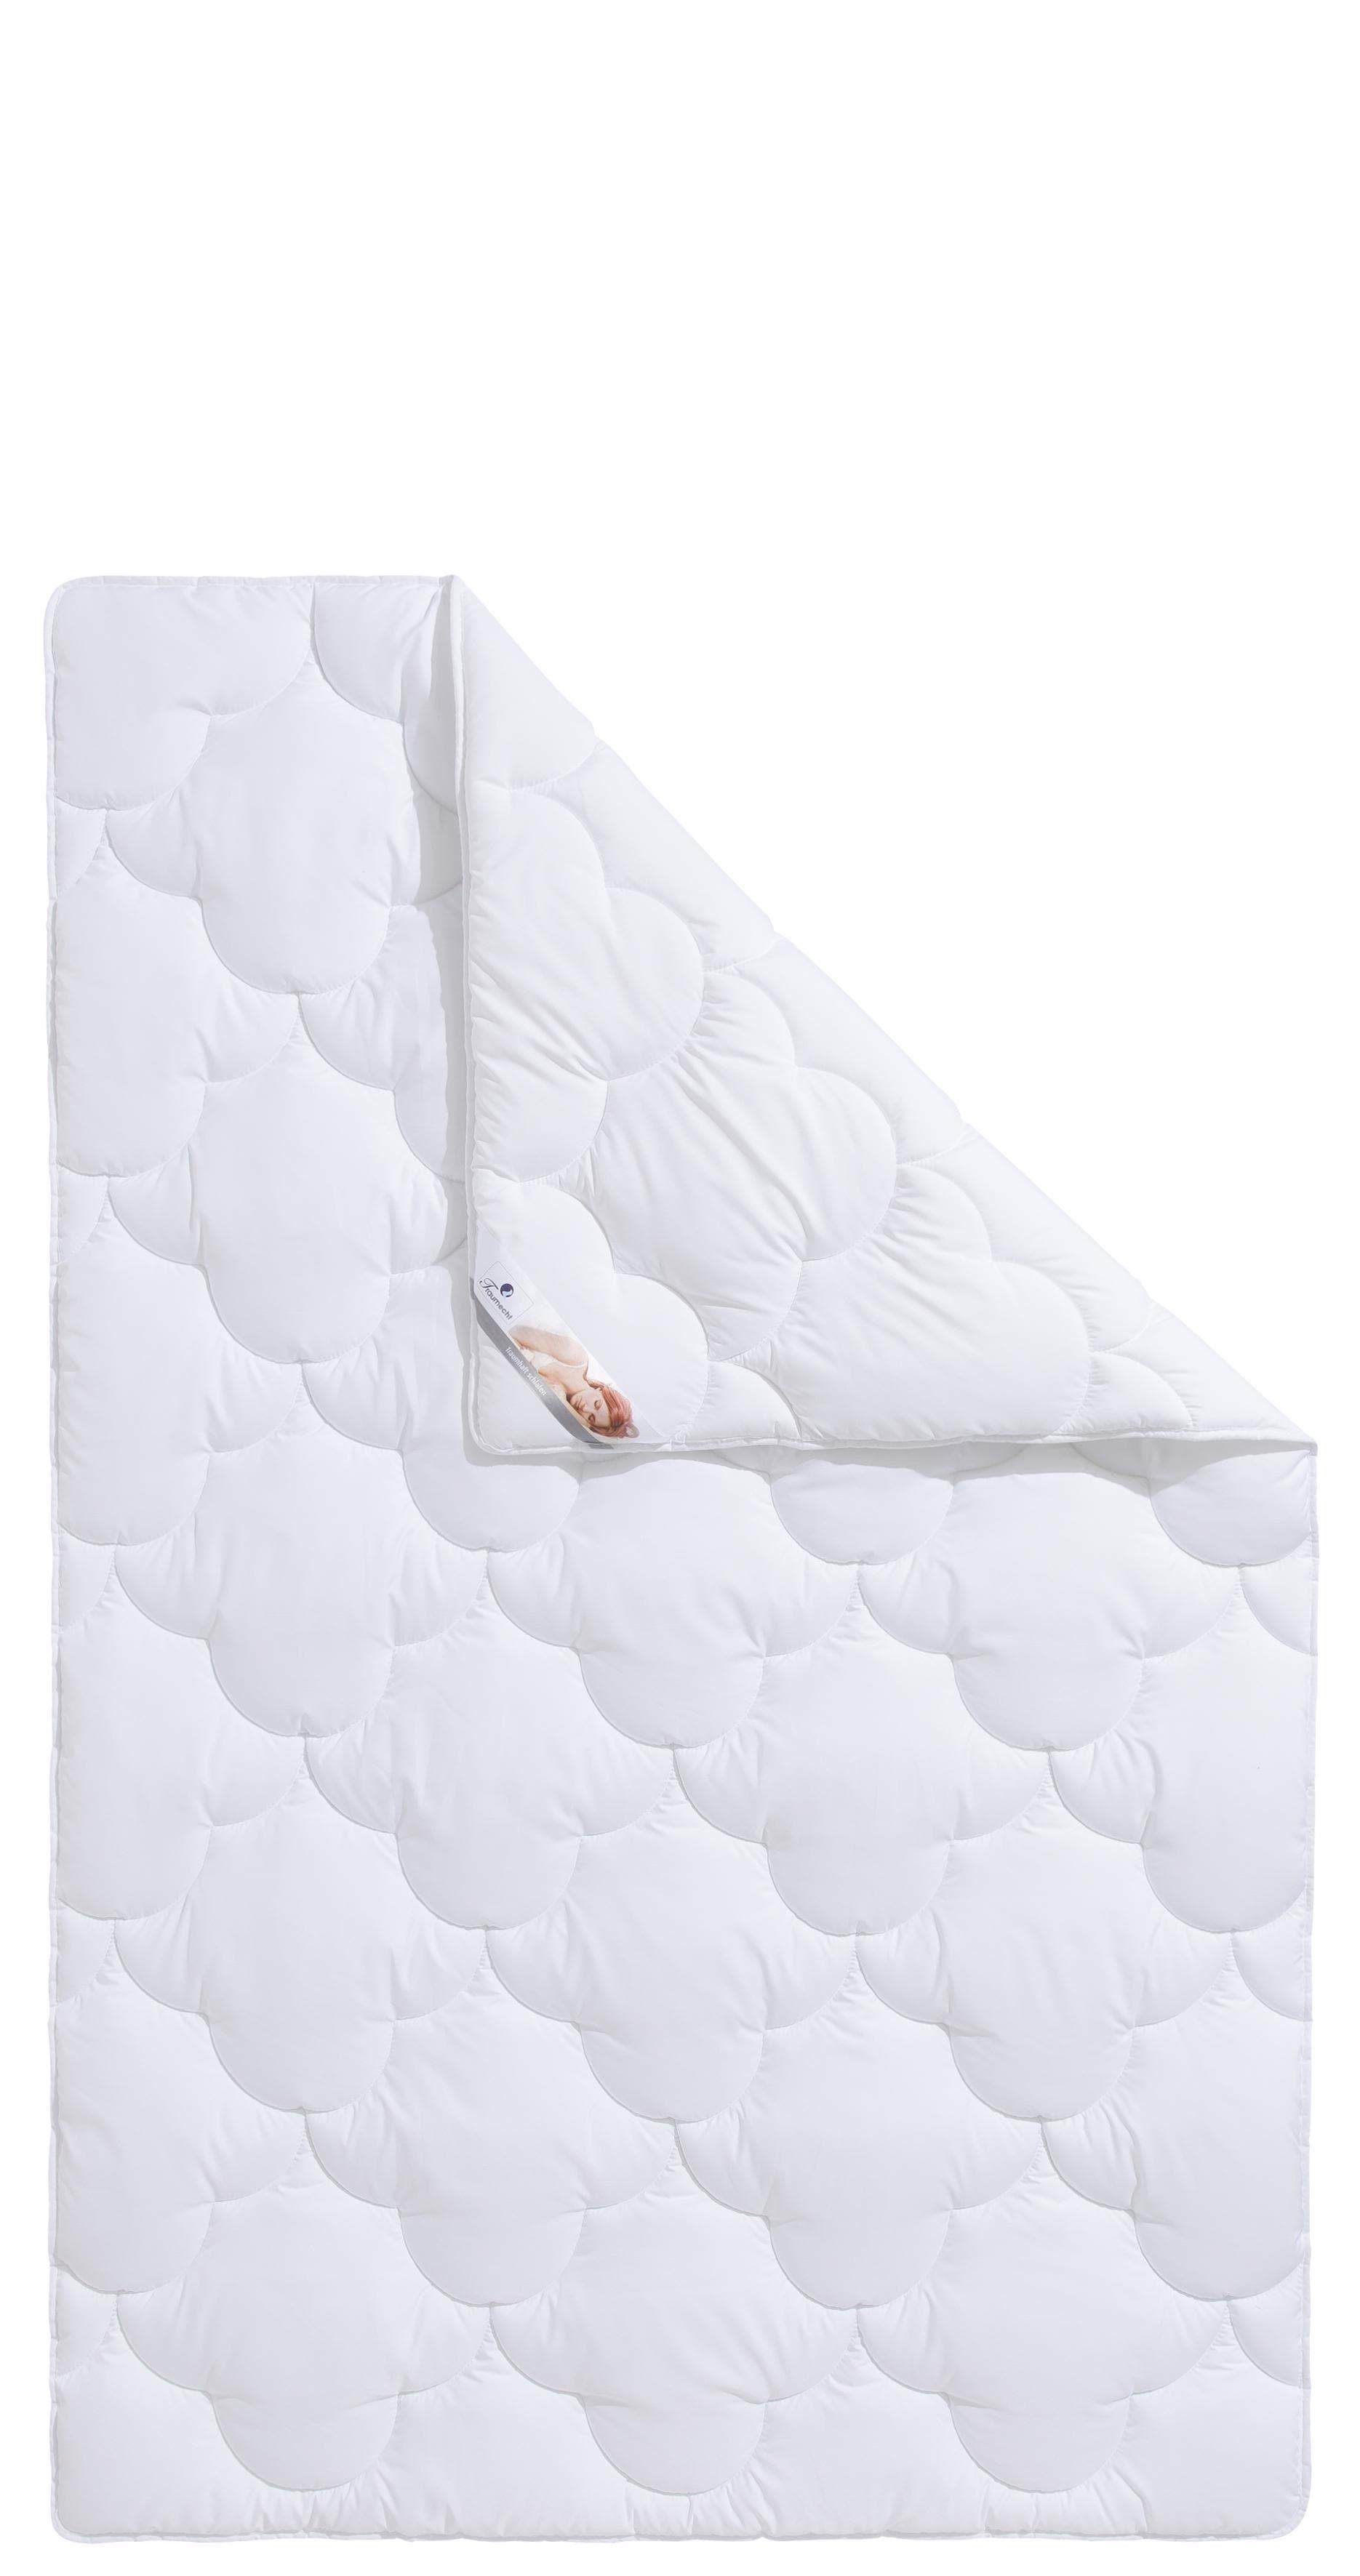 Kunstfaserbettdecke Mondschein Baumwolle Aloe Vera Traumecht Normal Fullung Polyester Kaufen Baur